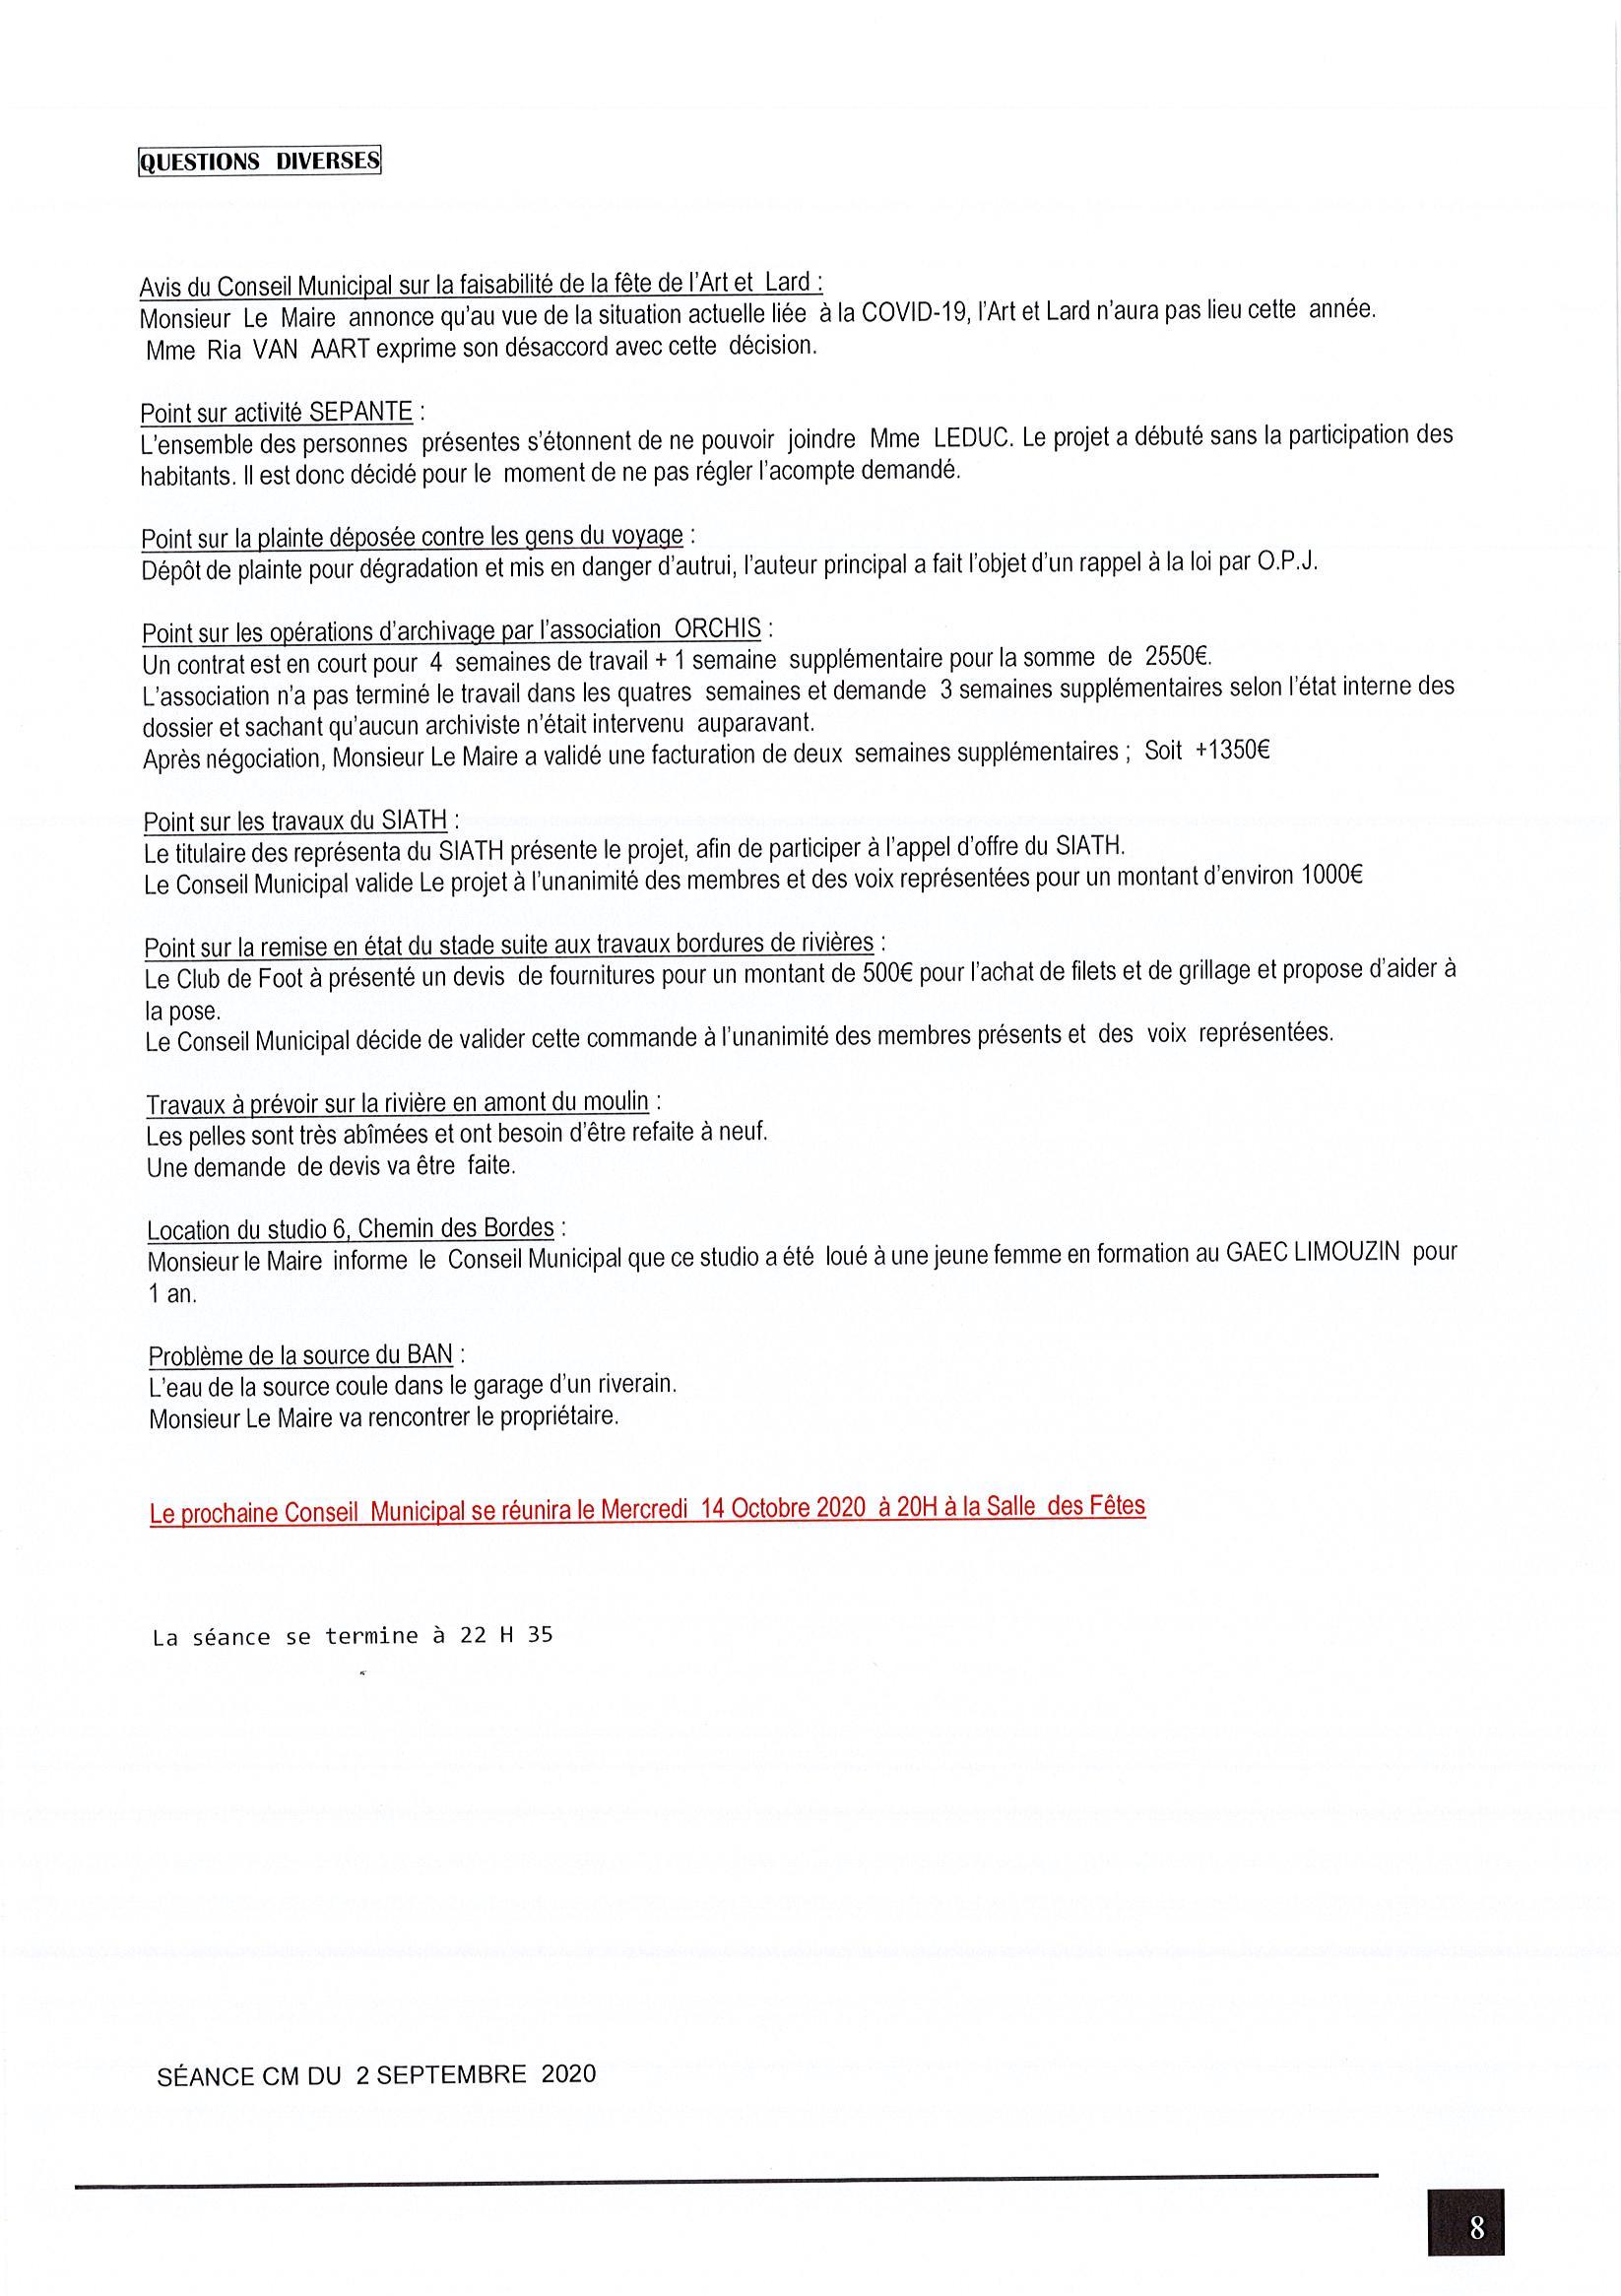 accueil/doc101120-10112020121830-0035.jpg